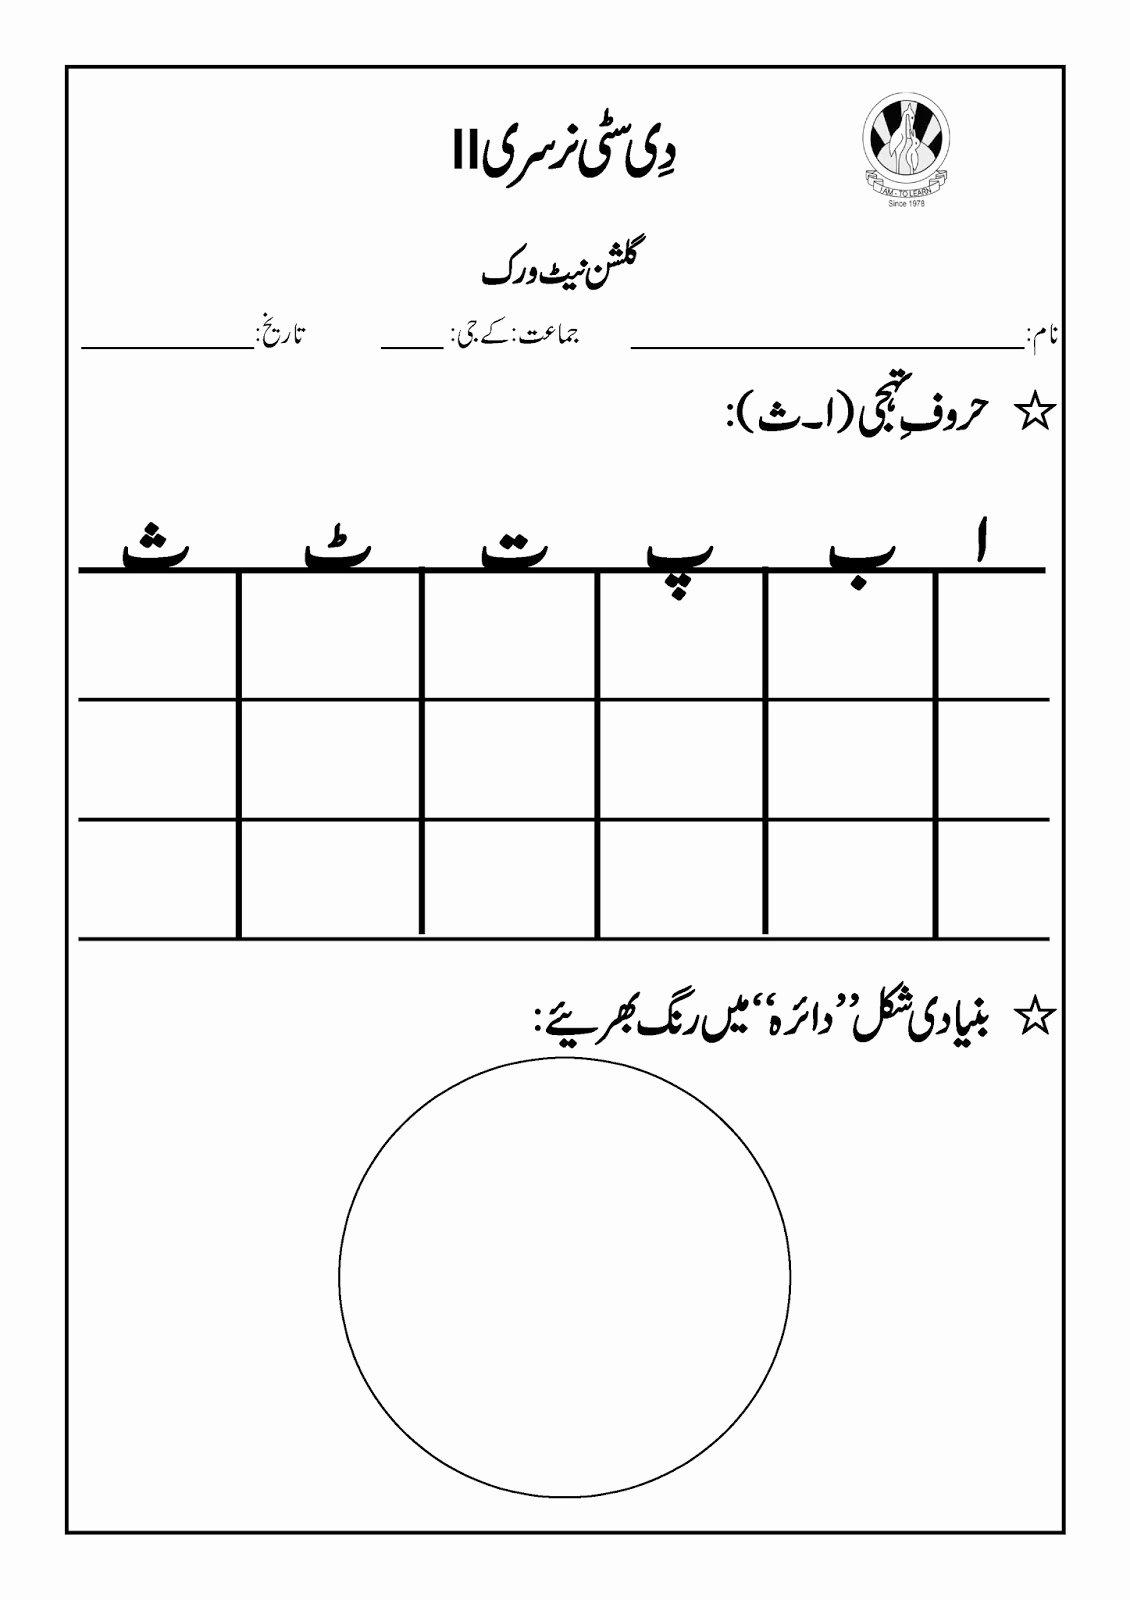 Urdu Worksheets for Preschoolers Inspirational Urdu Alphabets Worksheets